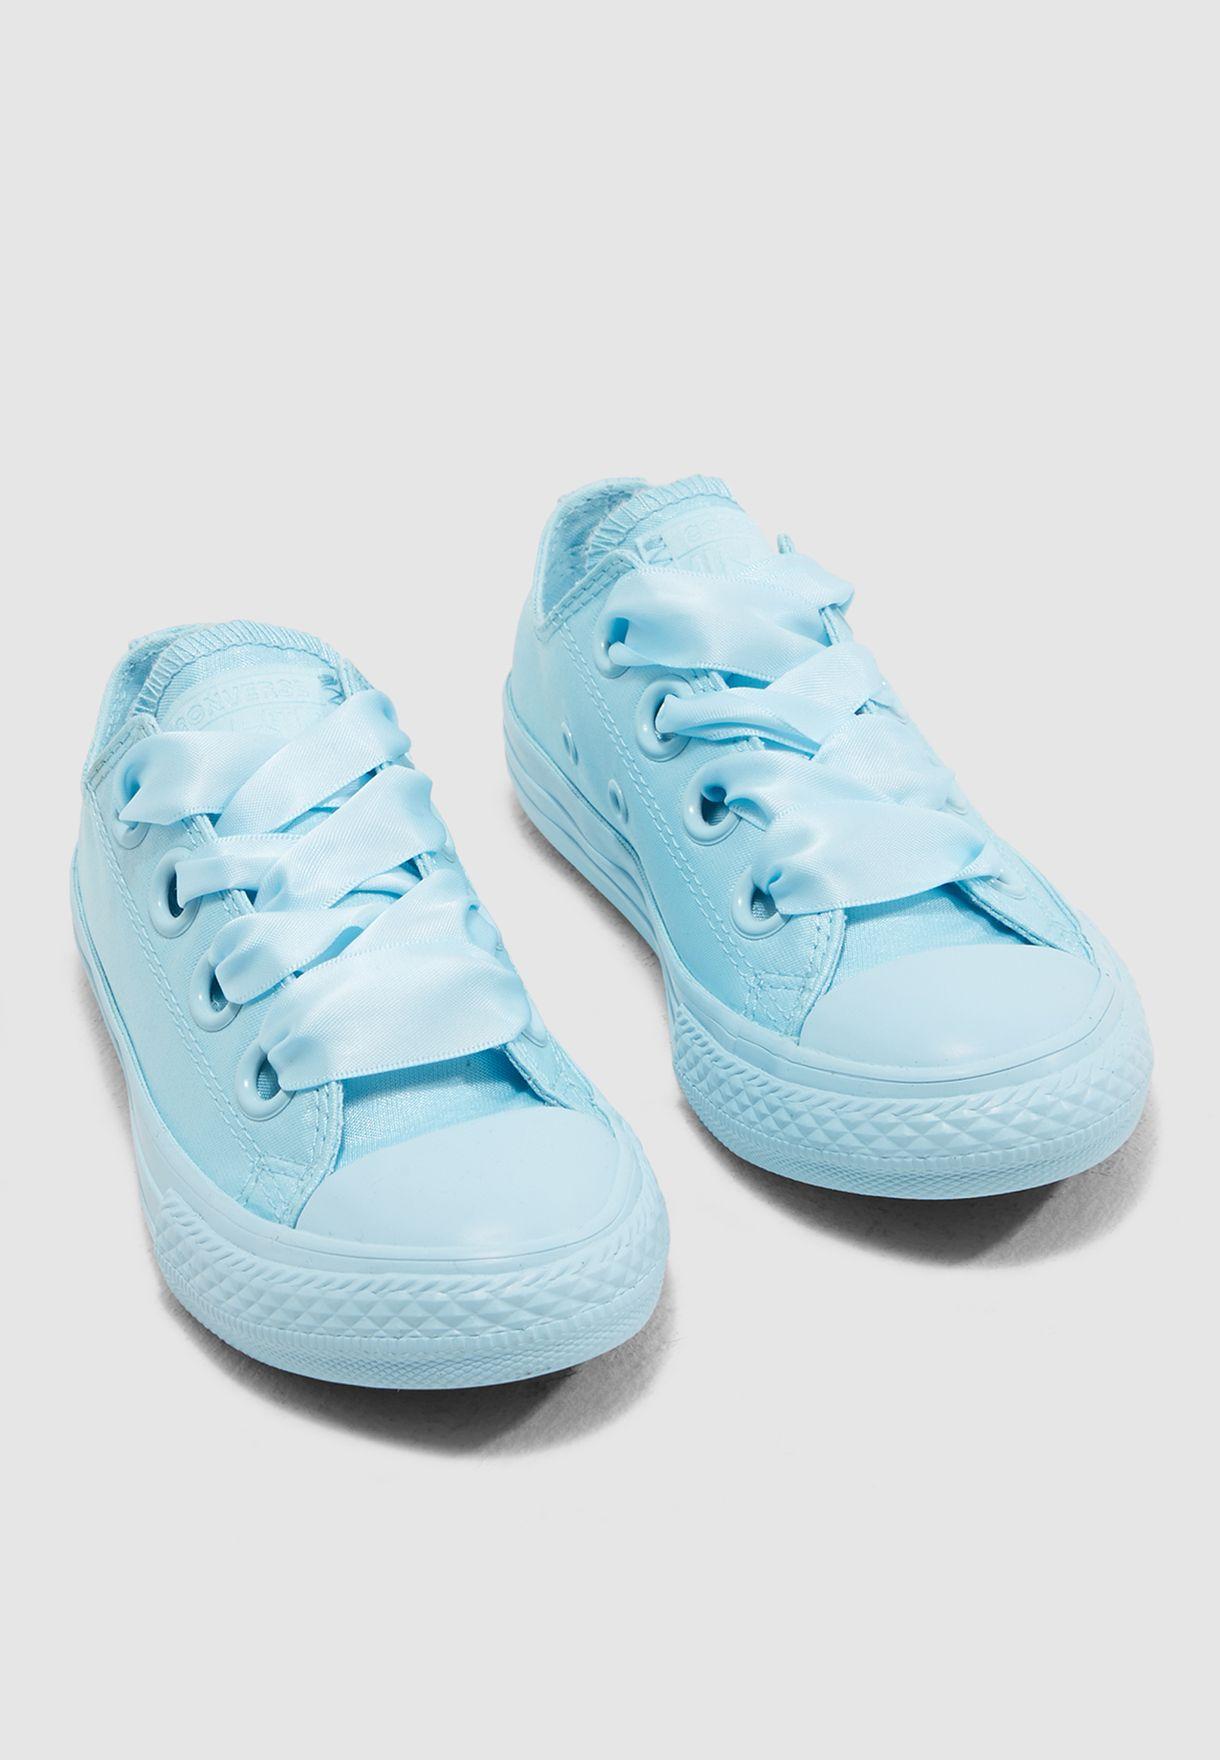 حذاء تشاك تايلور اول ستار للاطفال